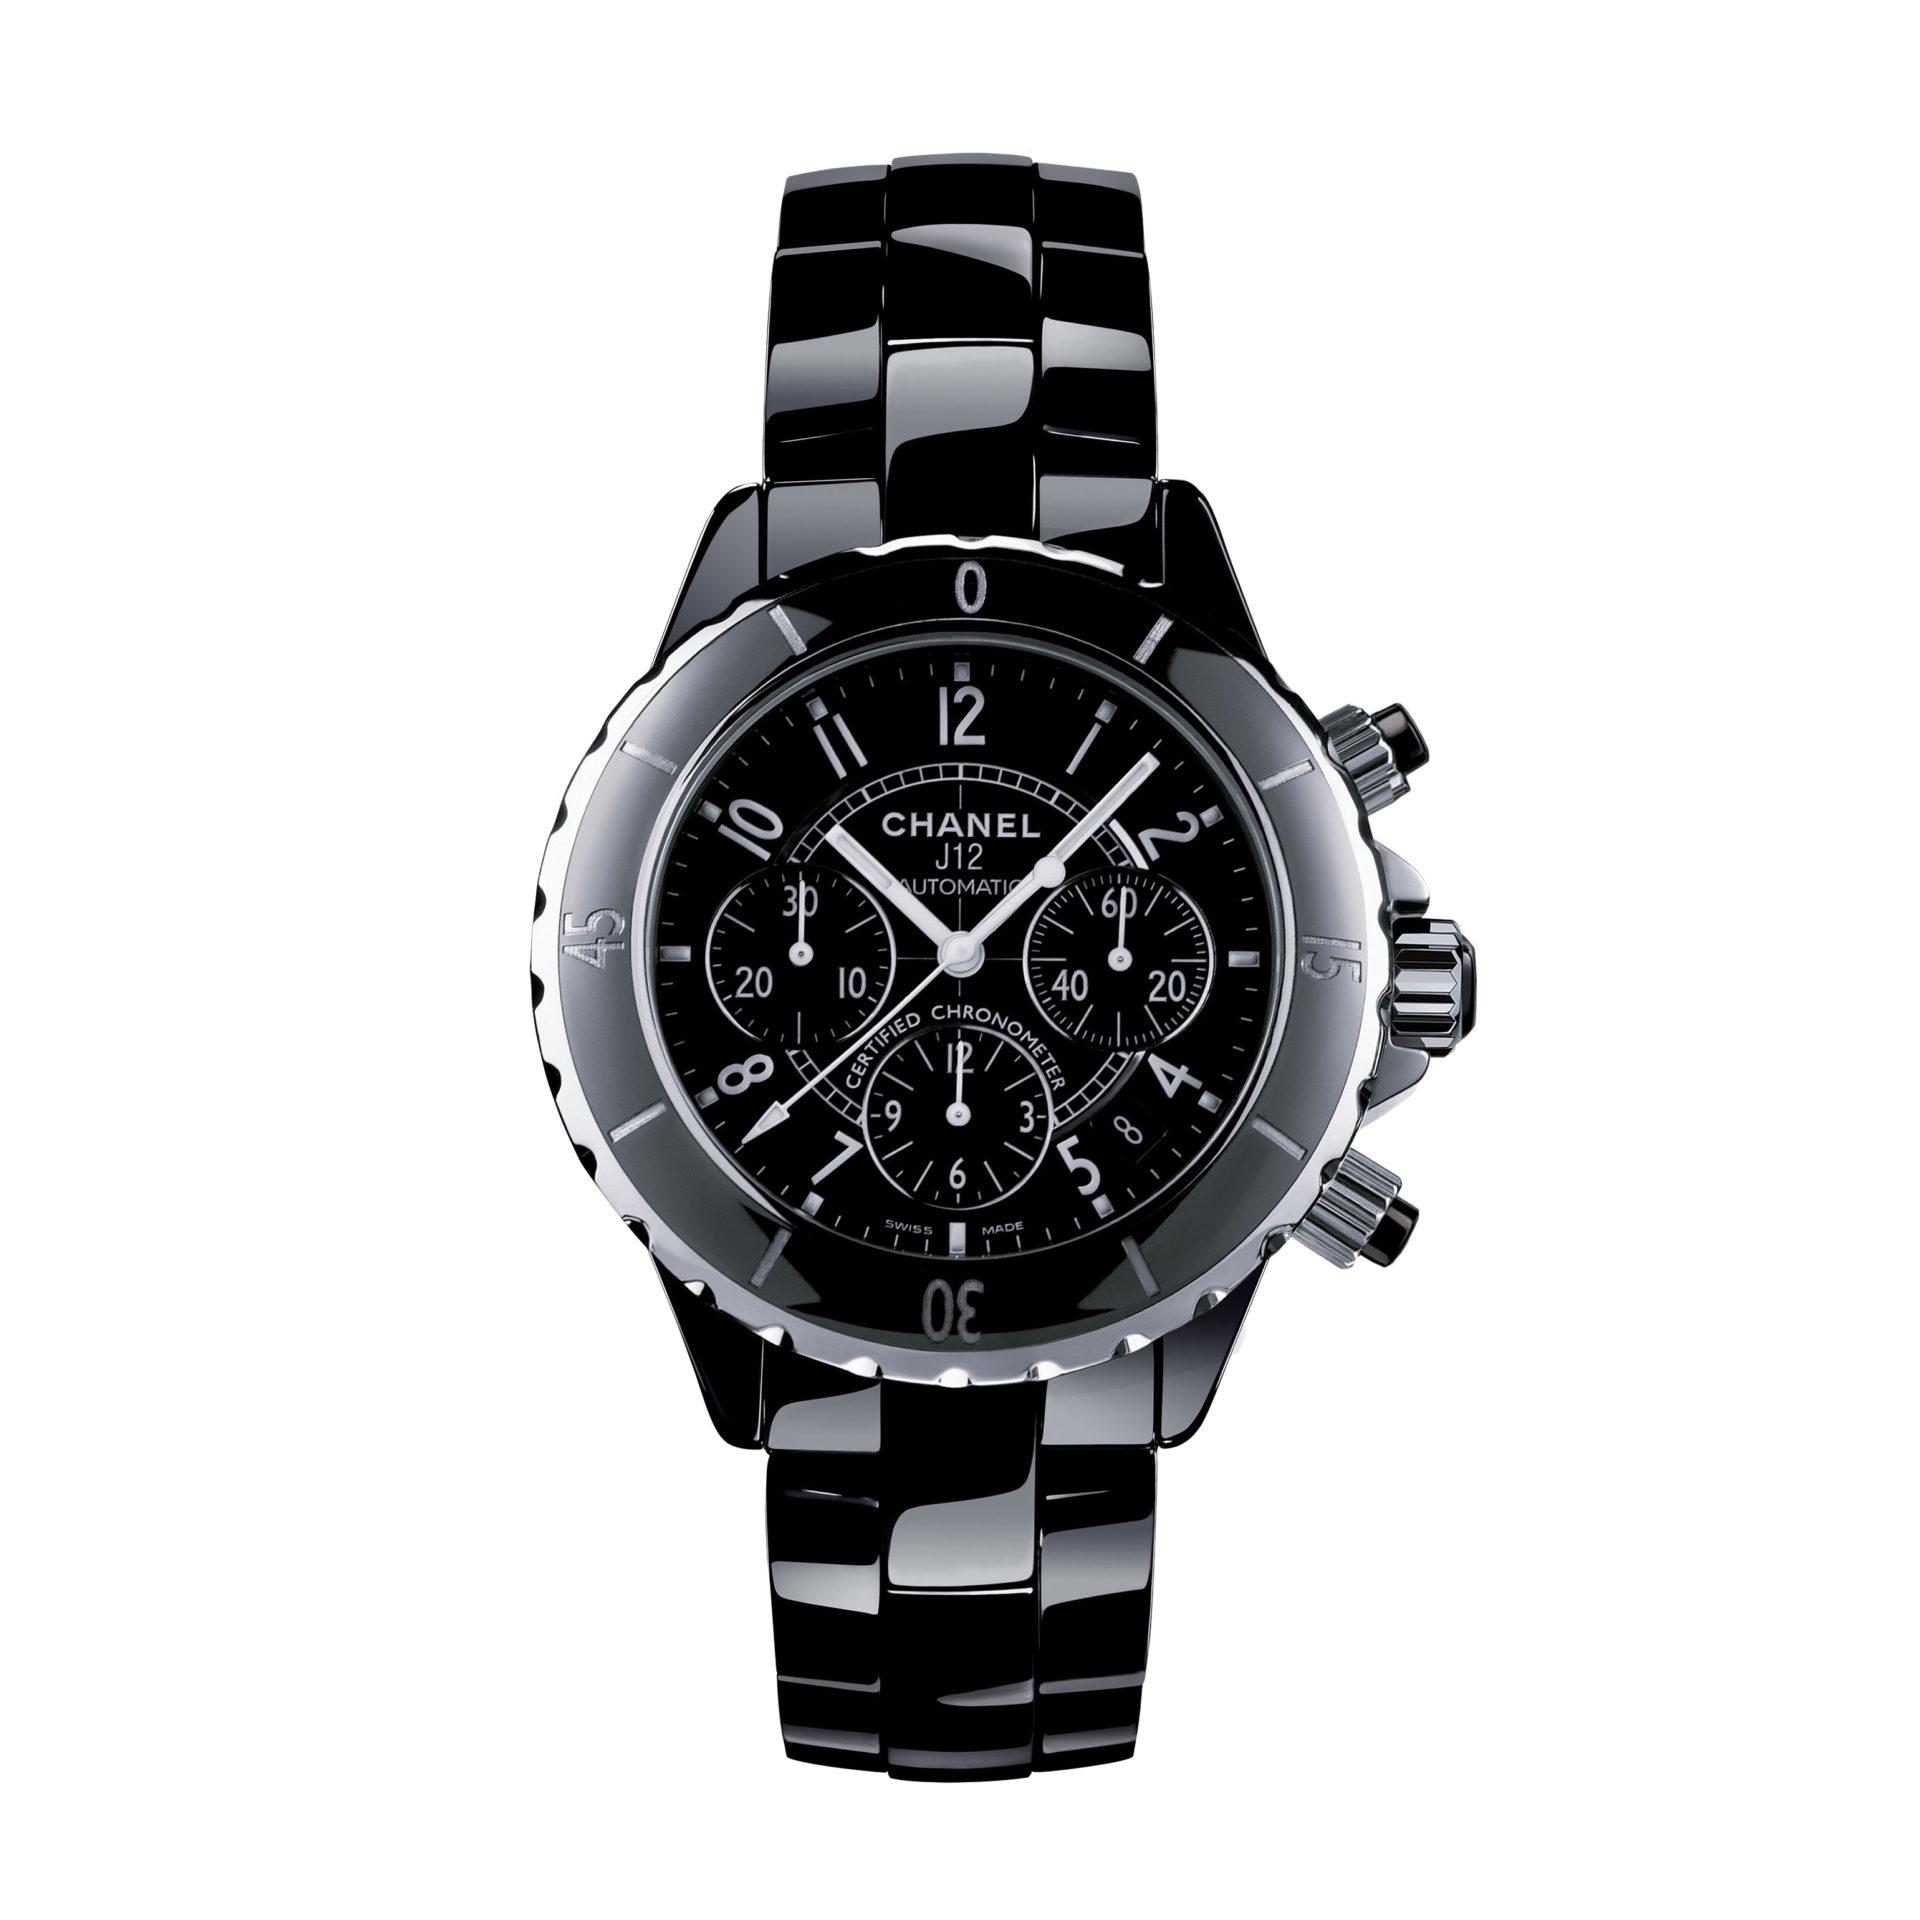 Chanel-J12-Chronographe-Hall-of-Time-H0940